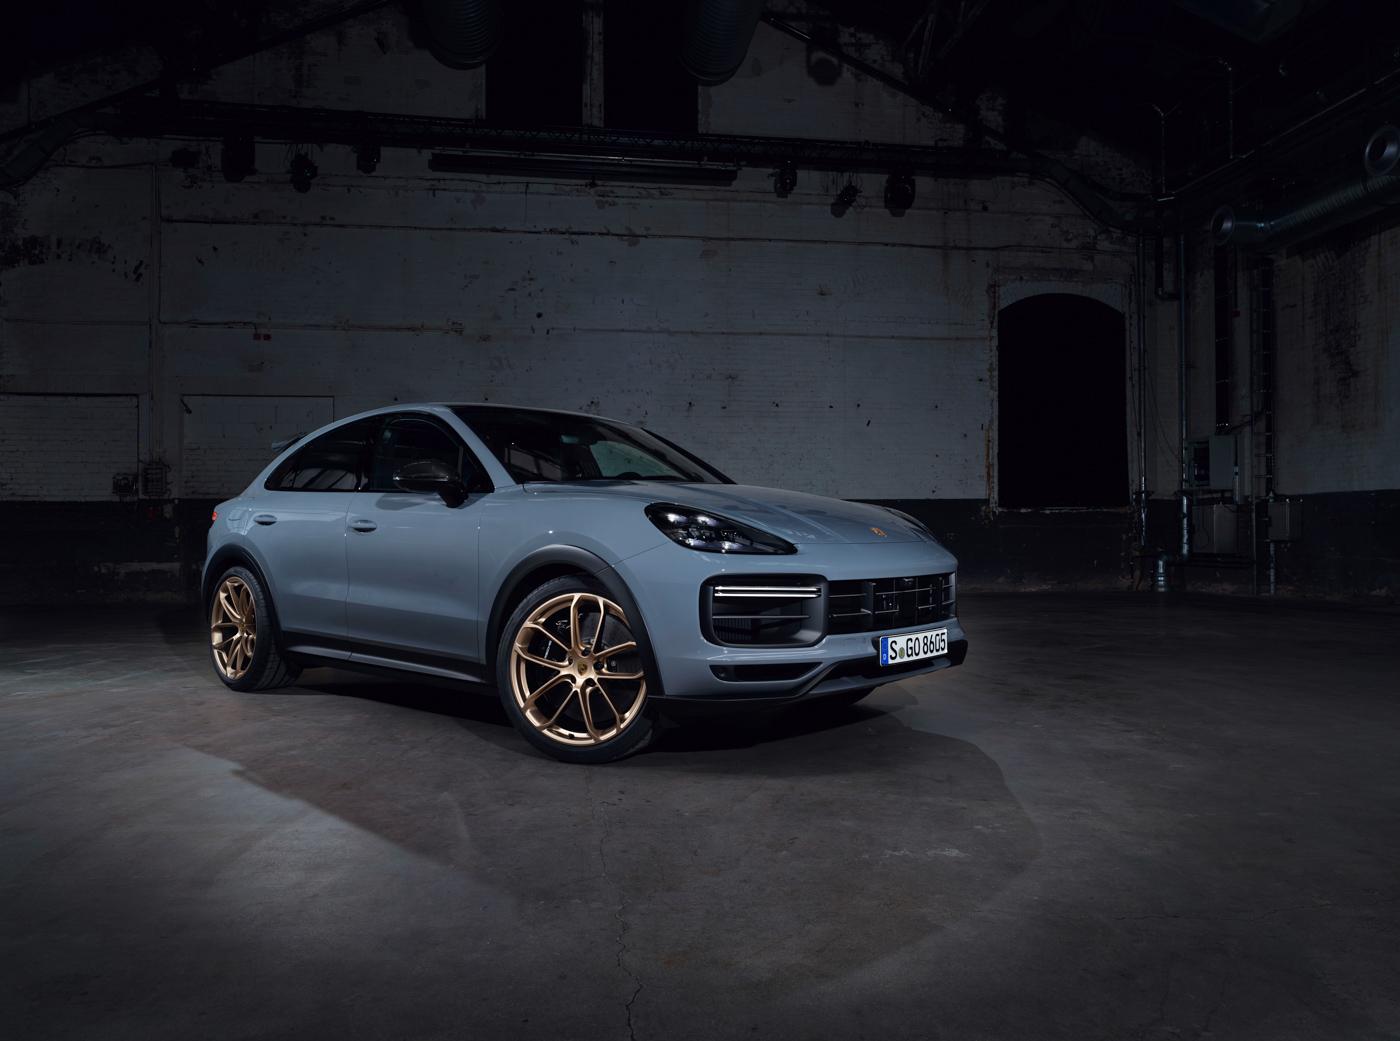 Porsche-Cayenne-Turbo-GT-có-giá-từ-1225-tỷ-đồng-tại-Việt-Nam-5.jpg